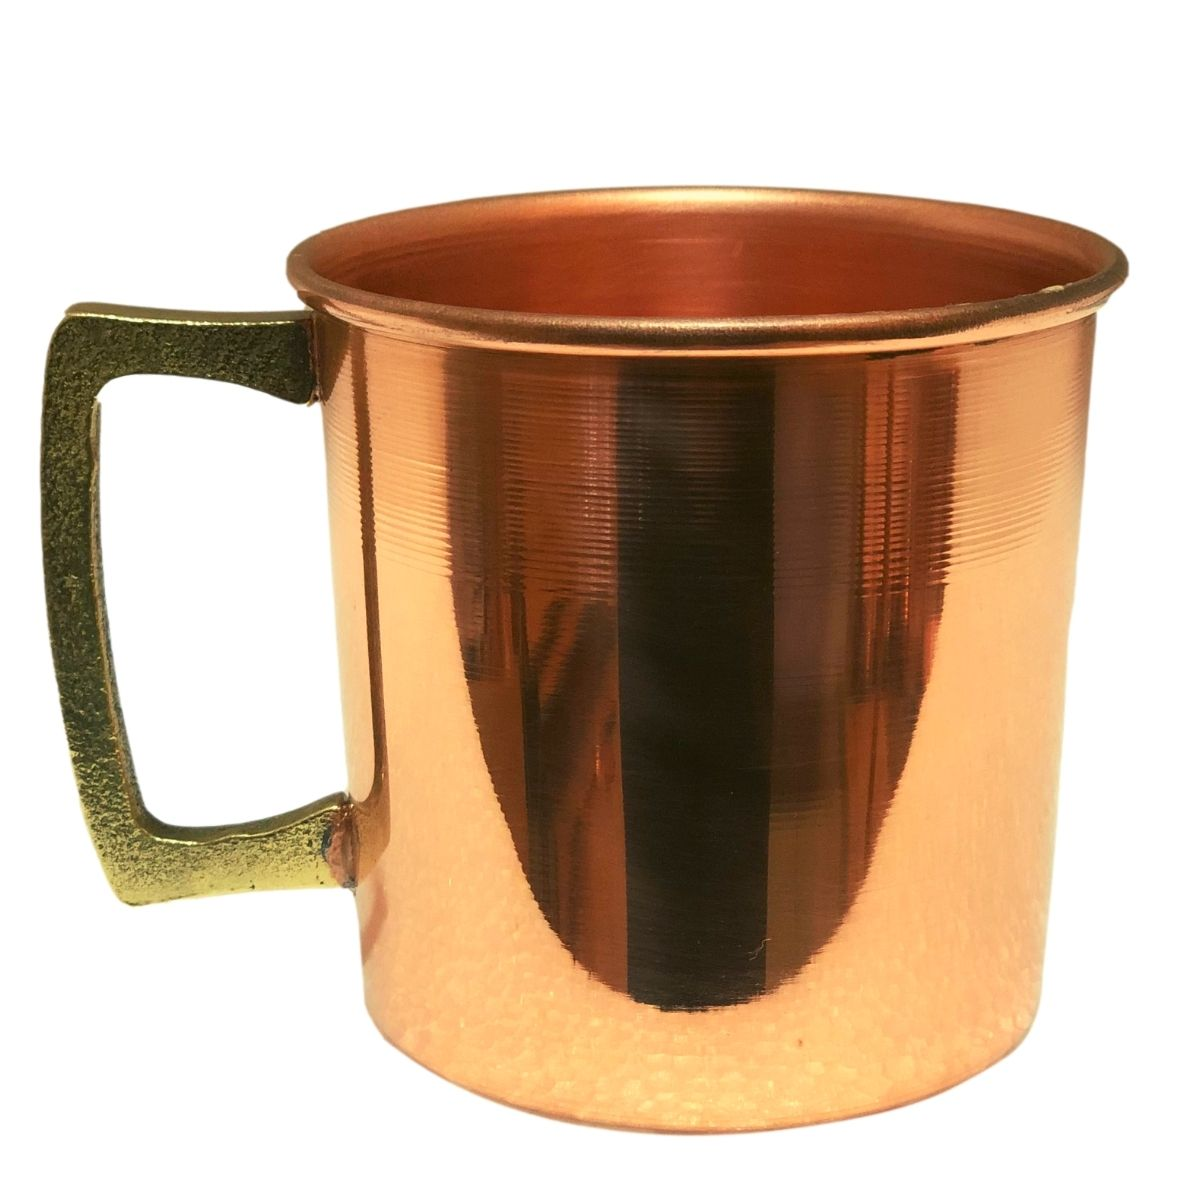 Caneca em Cobre Lisa com Alça de Bronze